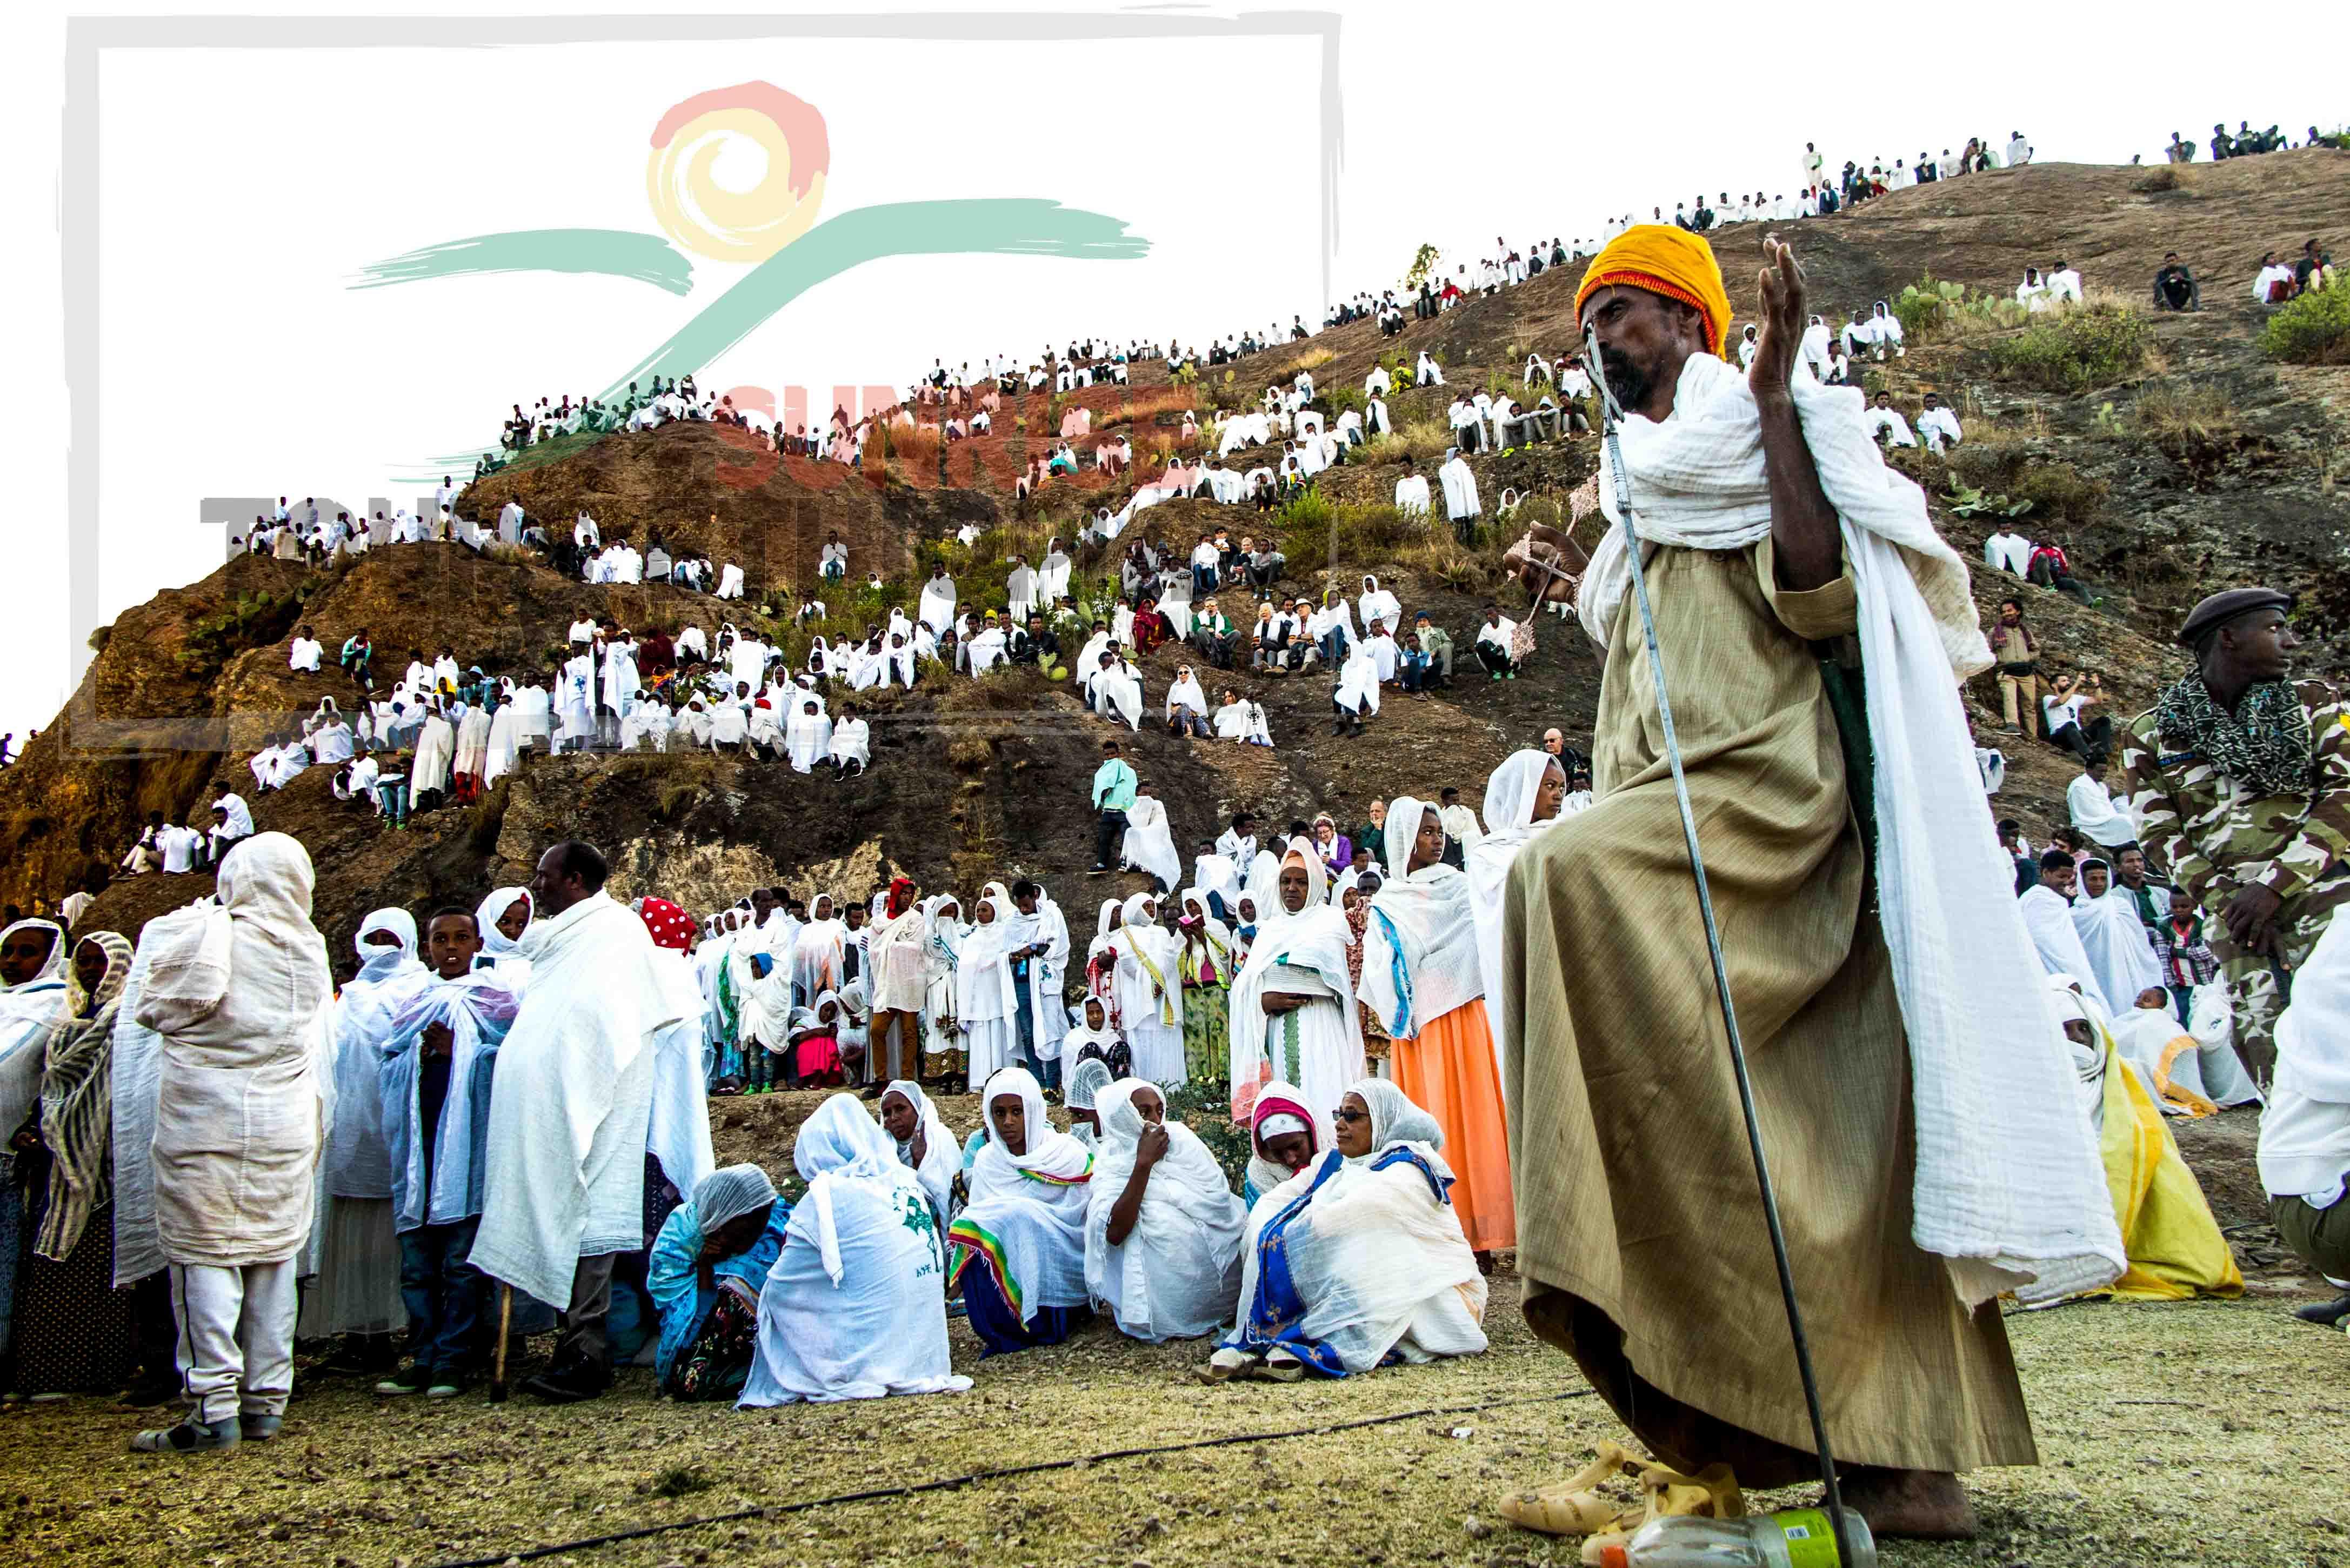 Timket in Aksum-ethiopia